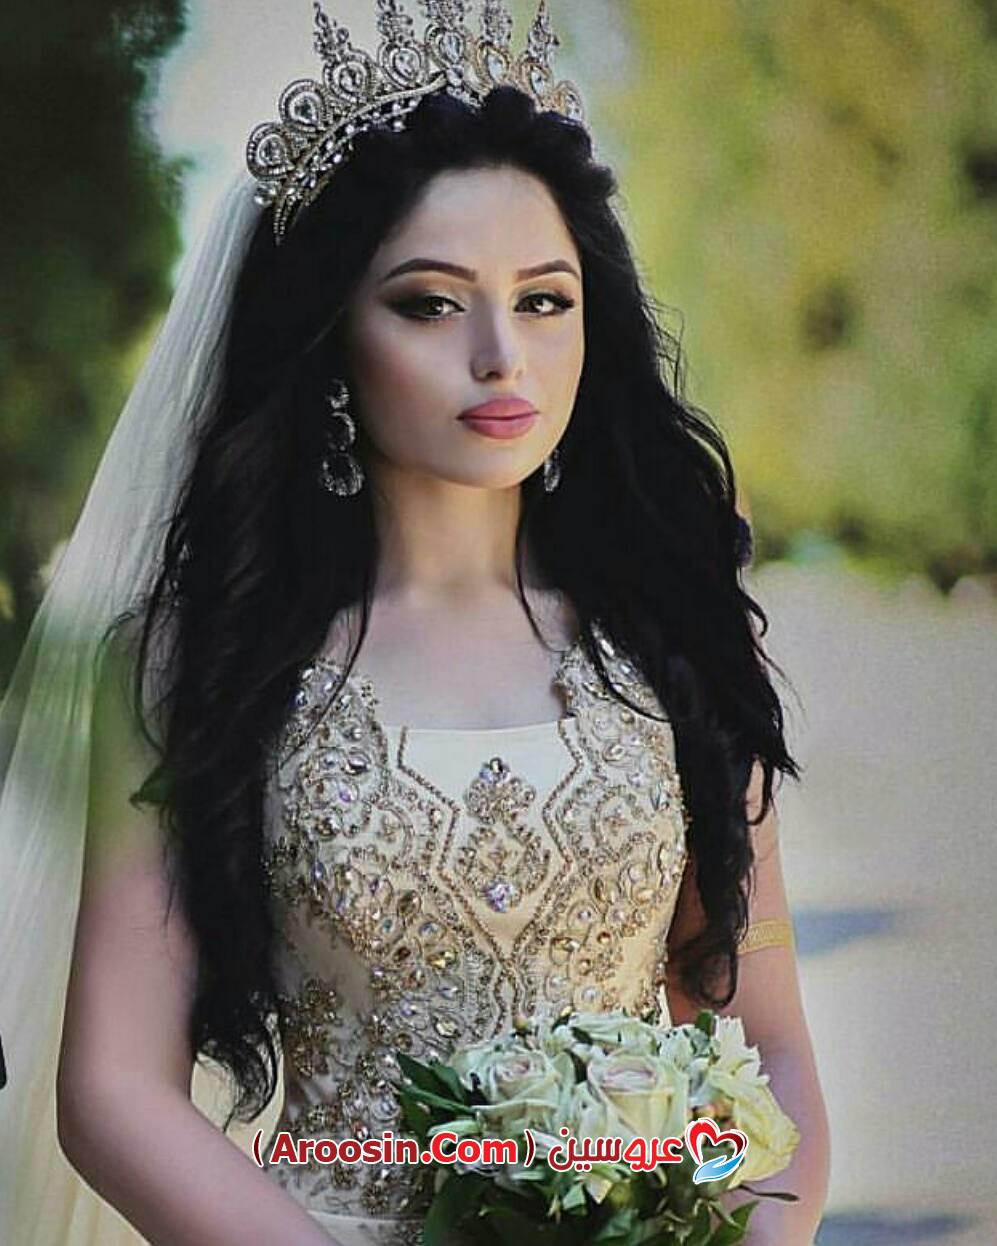 مدل موی باز با تاج مدل مو عروس با تور - آلبوم عکس عروسی